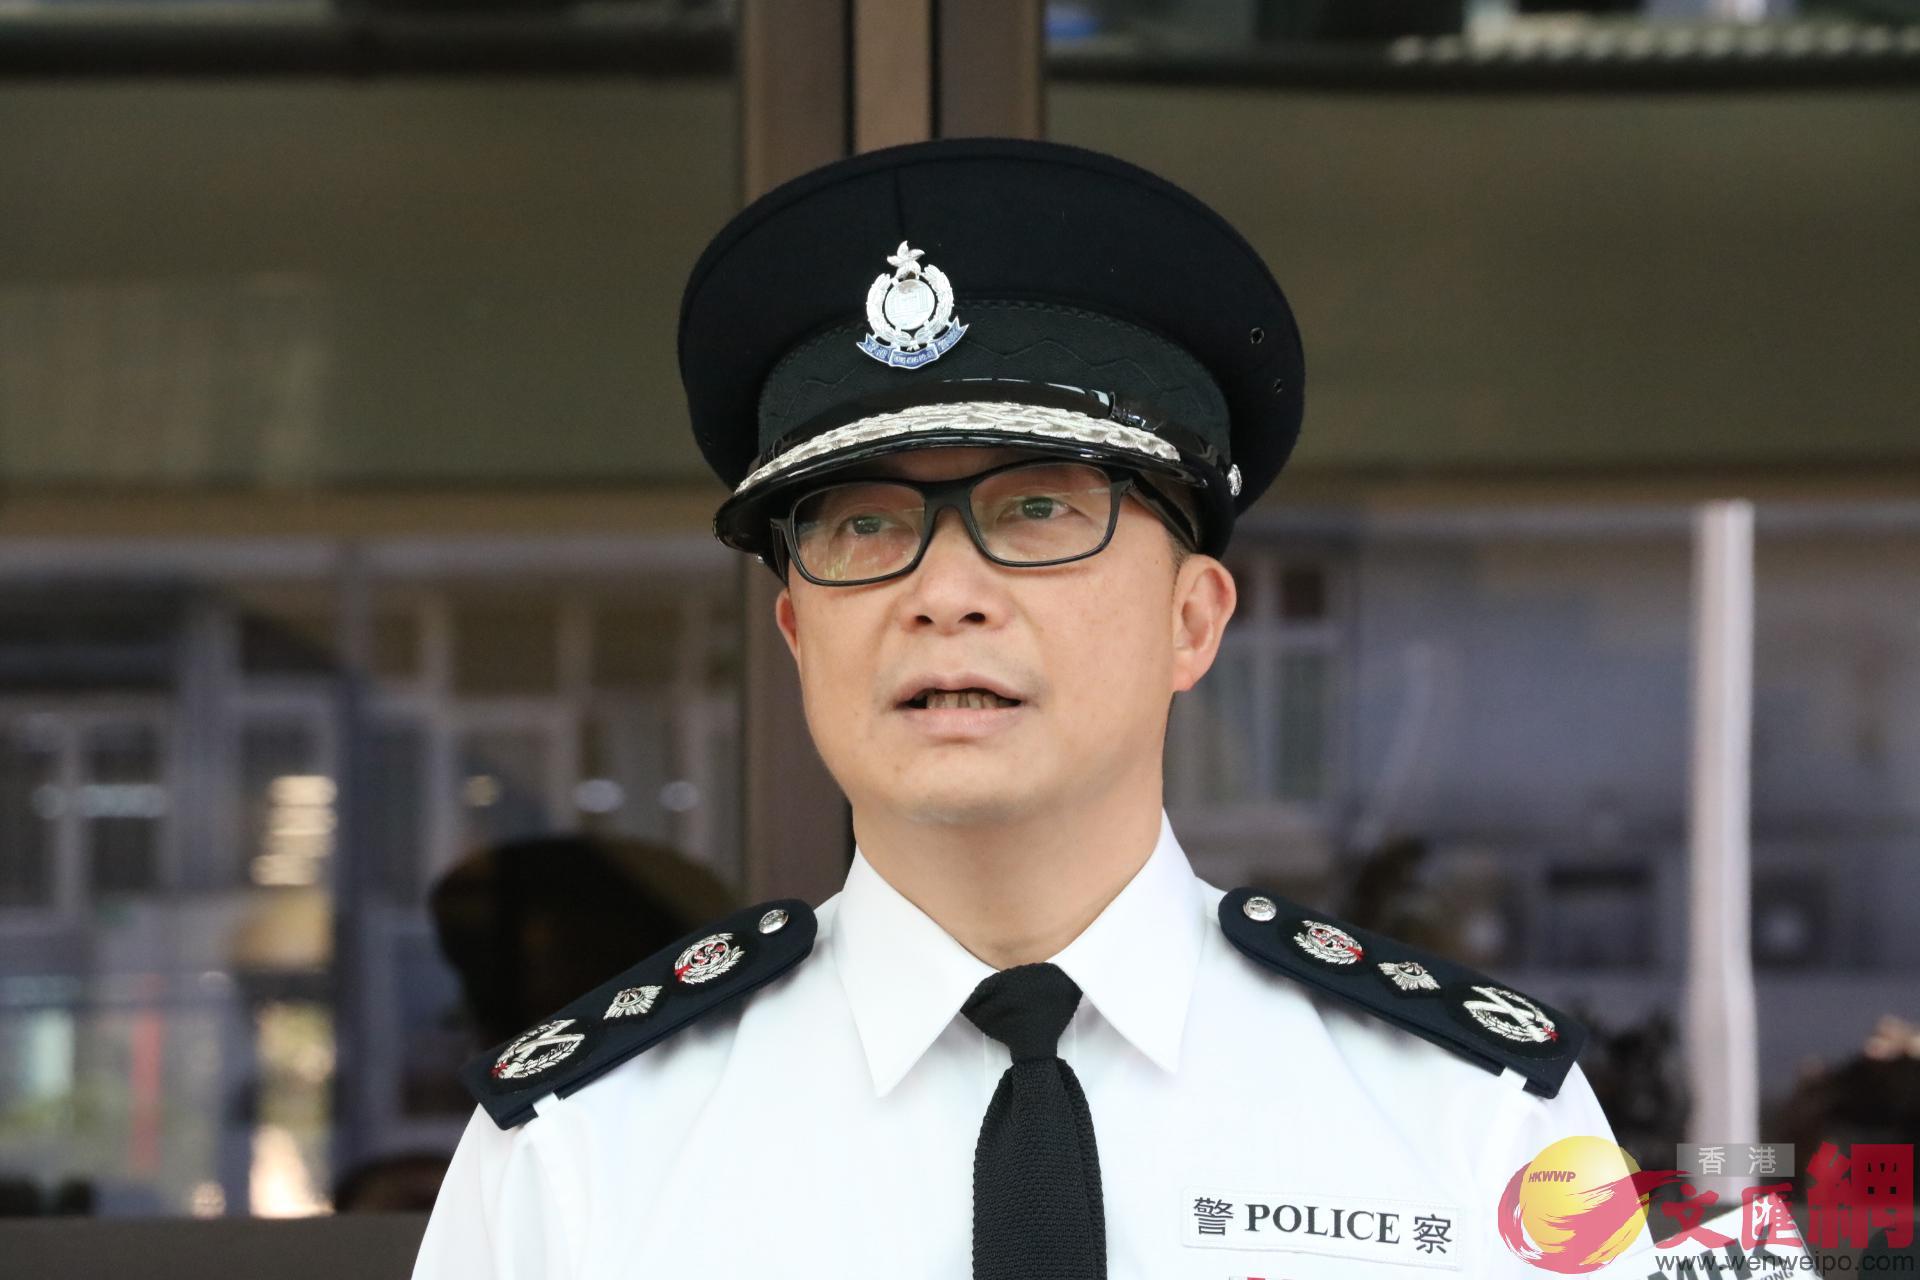 港媒今日報道,警務處處長鄧炳強本周五訪京,料拜訪公安部及港澳辦。(香港文匯報資料圖)